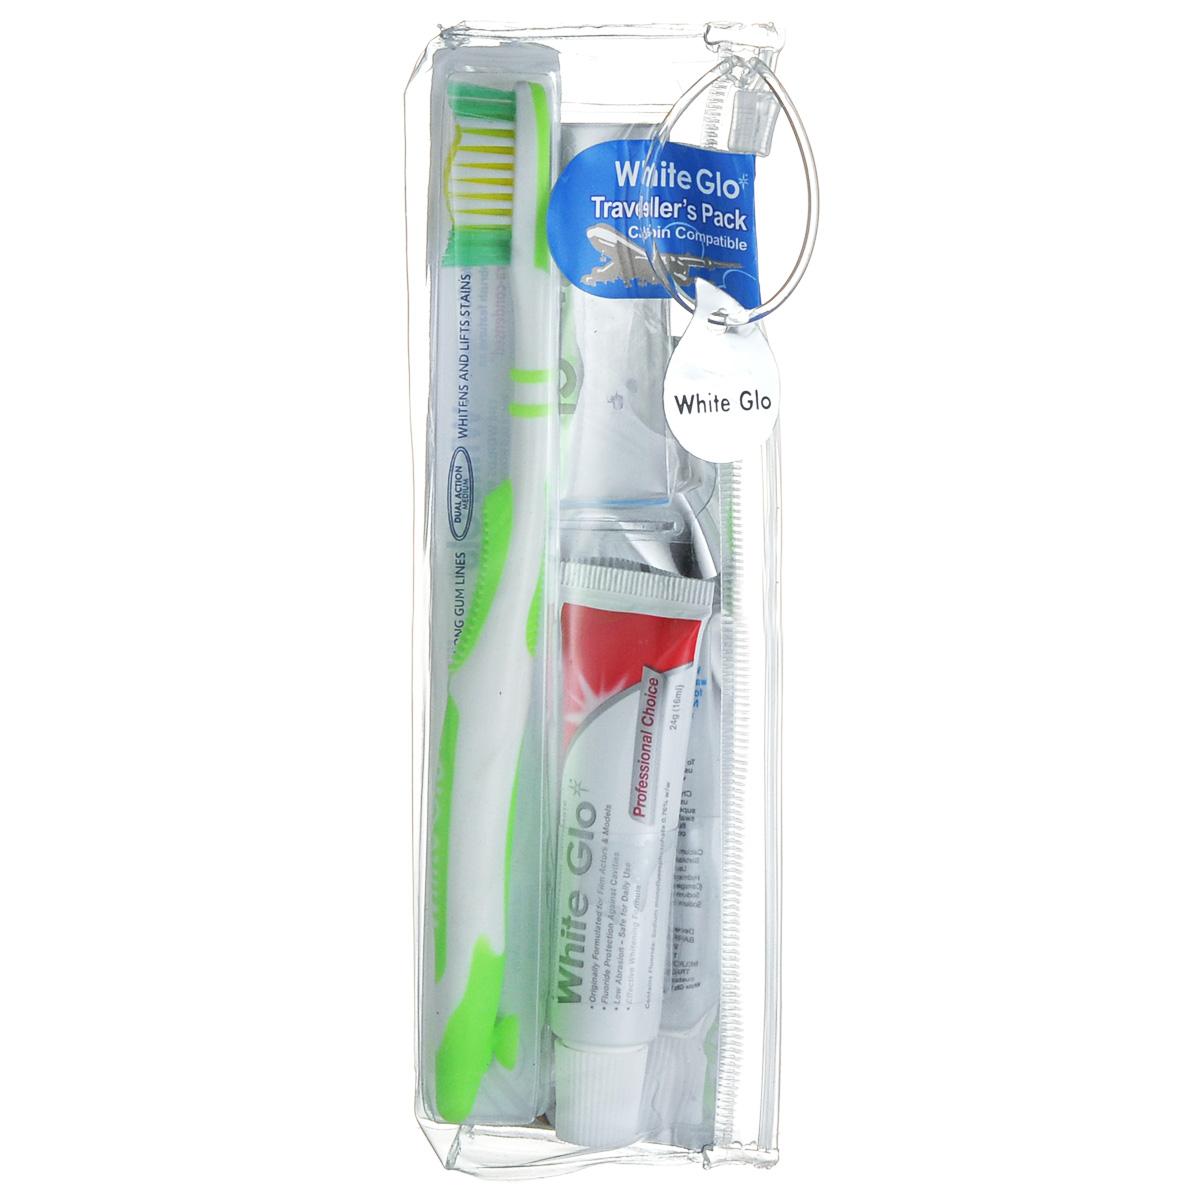 Дорожный набор White Glo: зубная паста, зубная щетка, зубочистки, цвет: салатовыйSC-FM20101Дорожный набор White Glo включает зубная пасту White Glo Профессиональный выбор, зубную щетку и нитевидные зубочистки 8 штук.. Зубная паста премиум-класса, обогащенная фторидом, обеспечивает максимальную гигиену полости рта. Специальная экстрасильная формула отбеливания помогает высветлять пятна и налет на зубной эмали, вызванные красящей пищей и напитками. Содержит богатое витаминами А, С и Е масло семян шиповника, которое повышает защитные свойства слизистой оболочки полости рта.Зубная щетка из высококачественной экстрагустой щетины DuPont вместе с микрочастицами в составе пасты мягко очищает поверхность зубов, способствует их эффективному отбеливанию и удалению пятен. Товар сертифицирован.